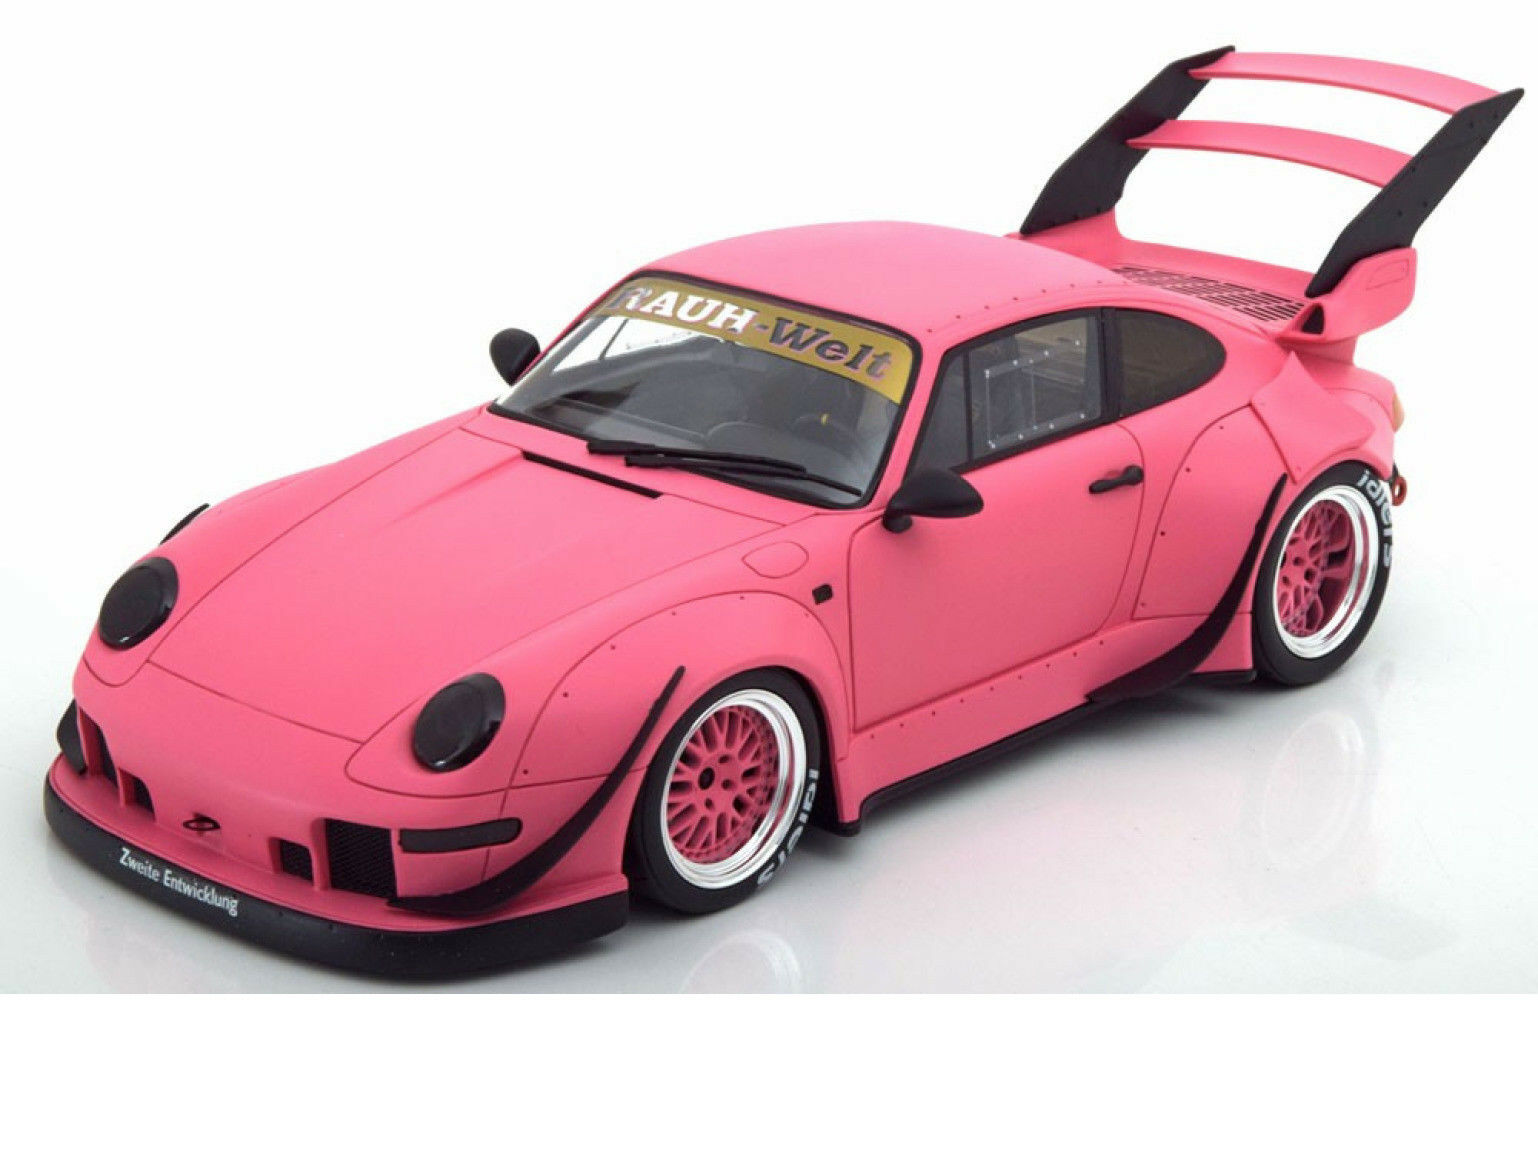 Porsche 993 rwb rotana matt Rosa 1   18 - modell - auto von gt - geist kj020 kyosho